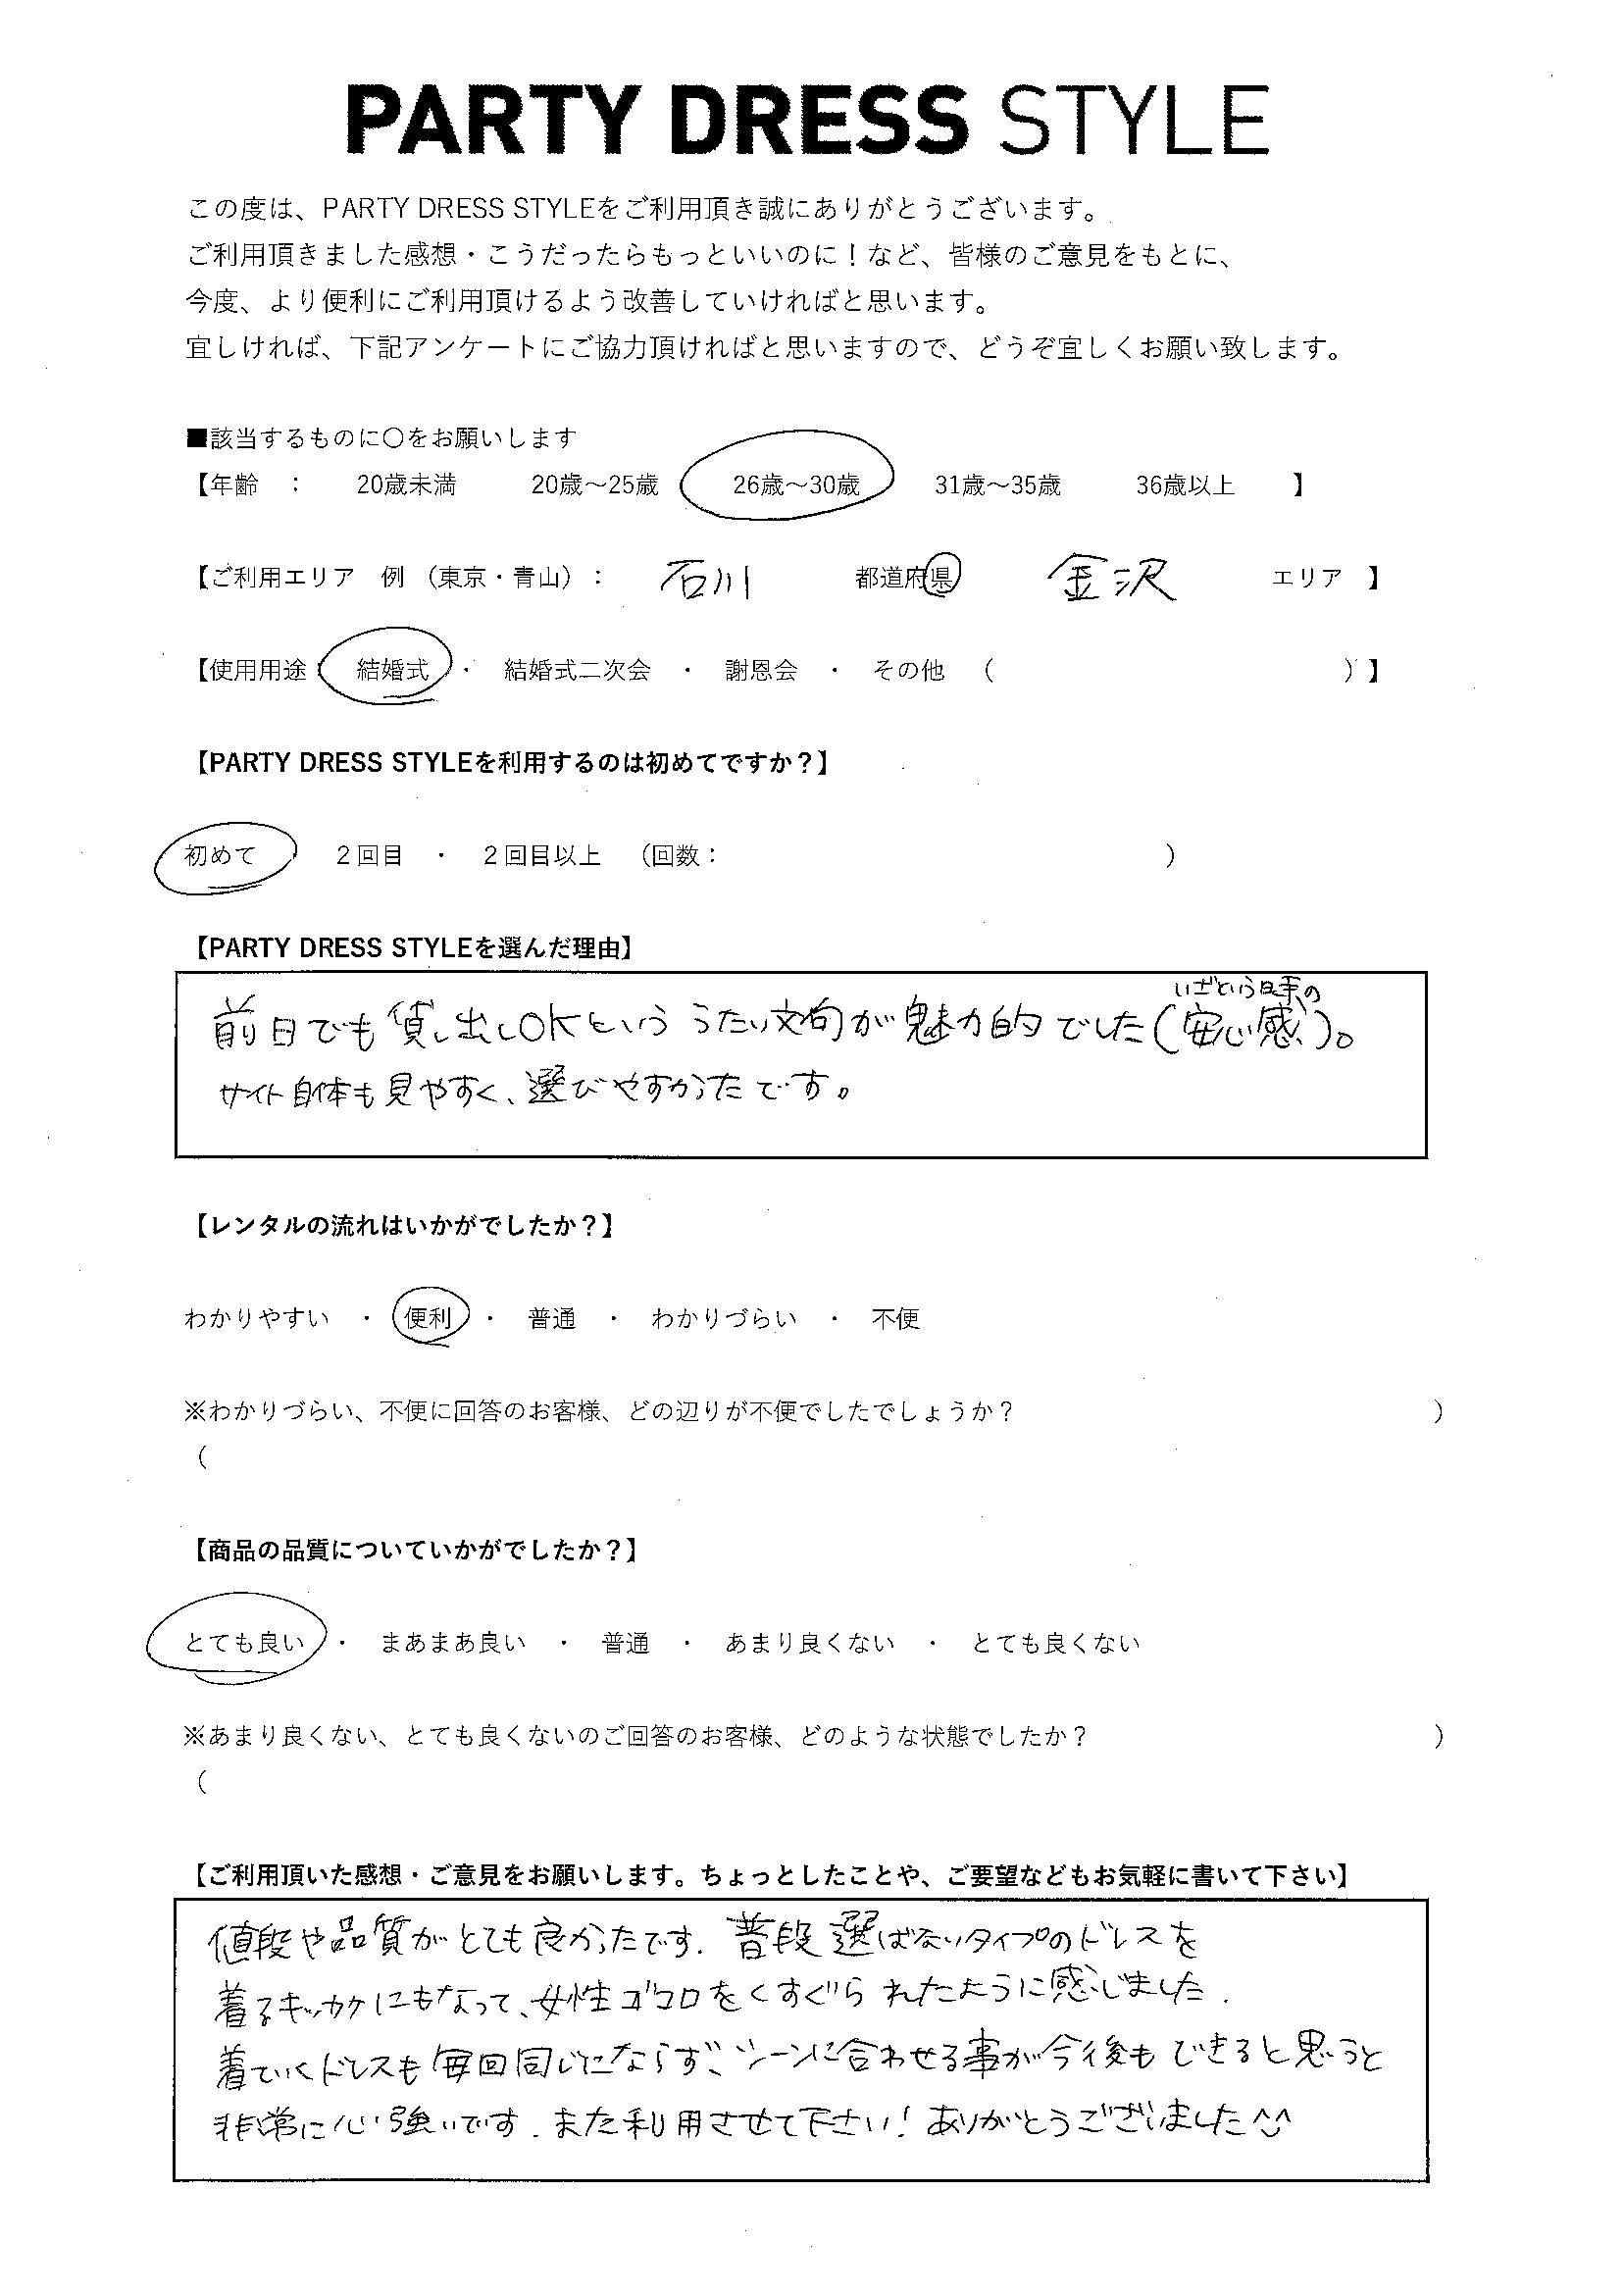 8/5結婚式ご利用 石川・金沢エリア